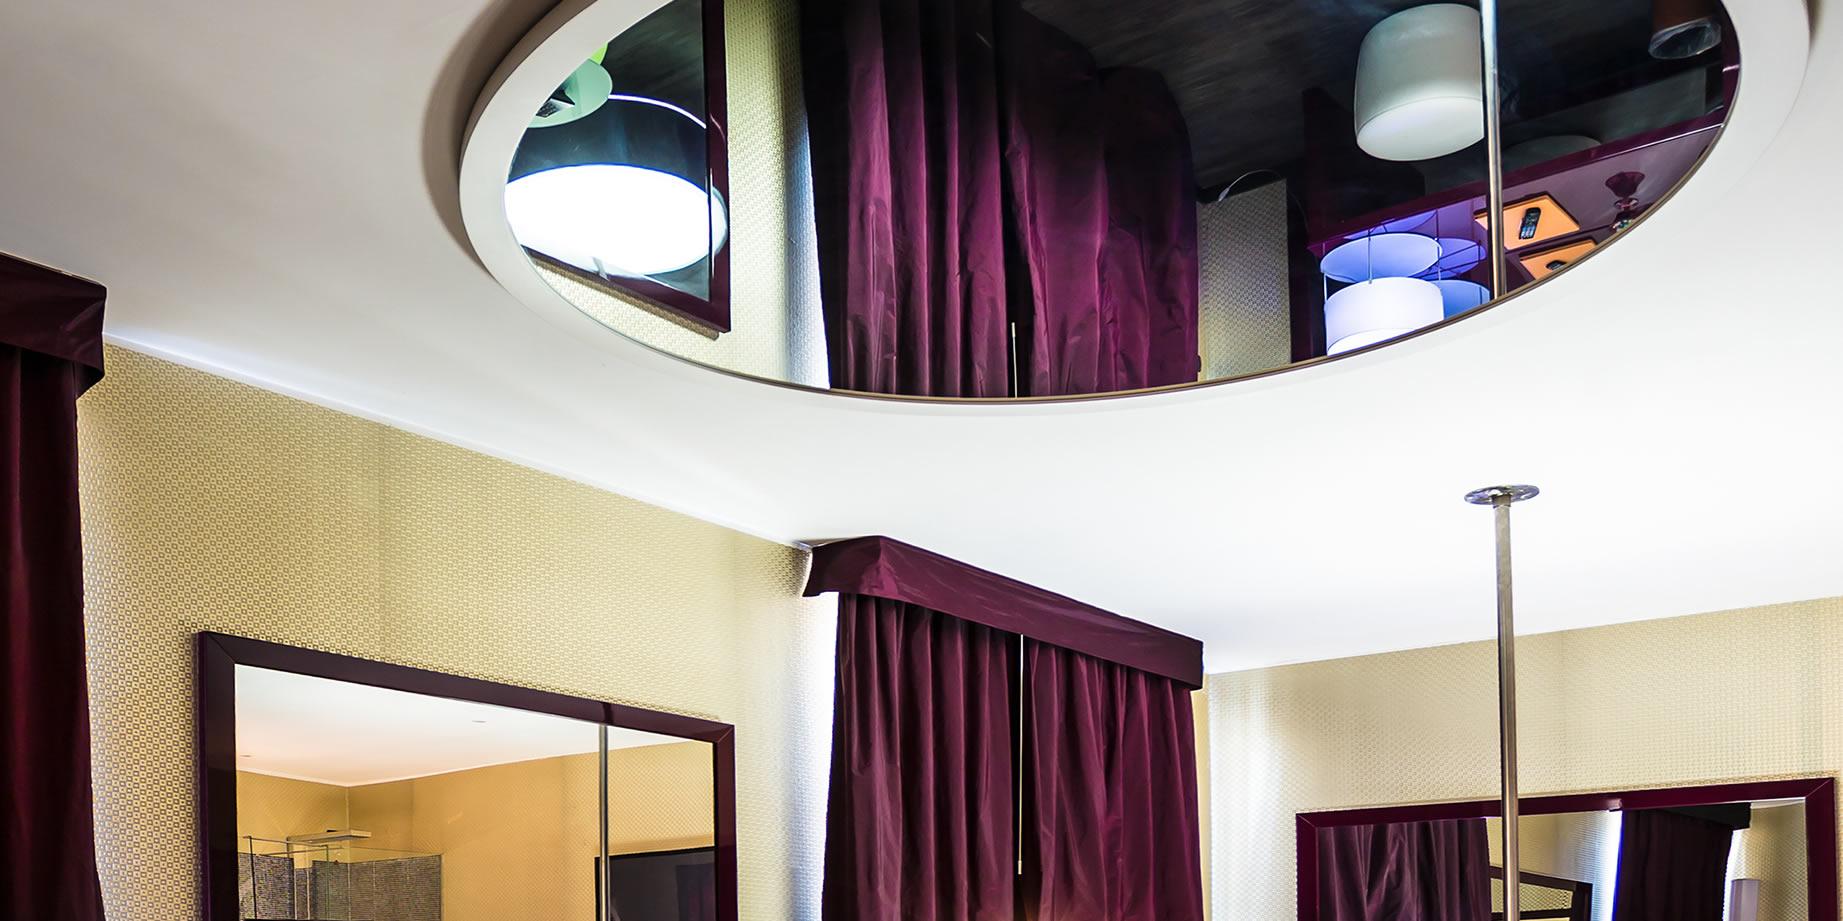 Camera Da Letto Con Specchio Sul Soffitto.Camera Degli Specchi